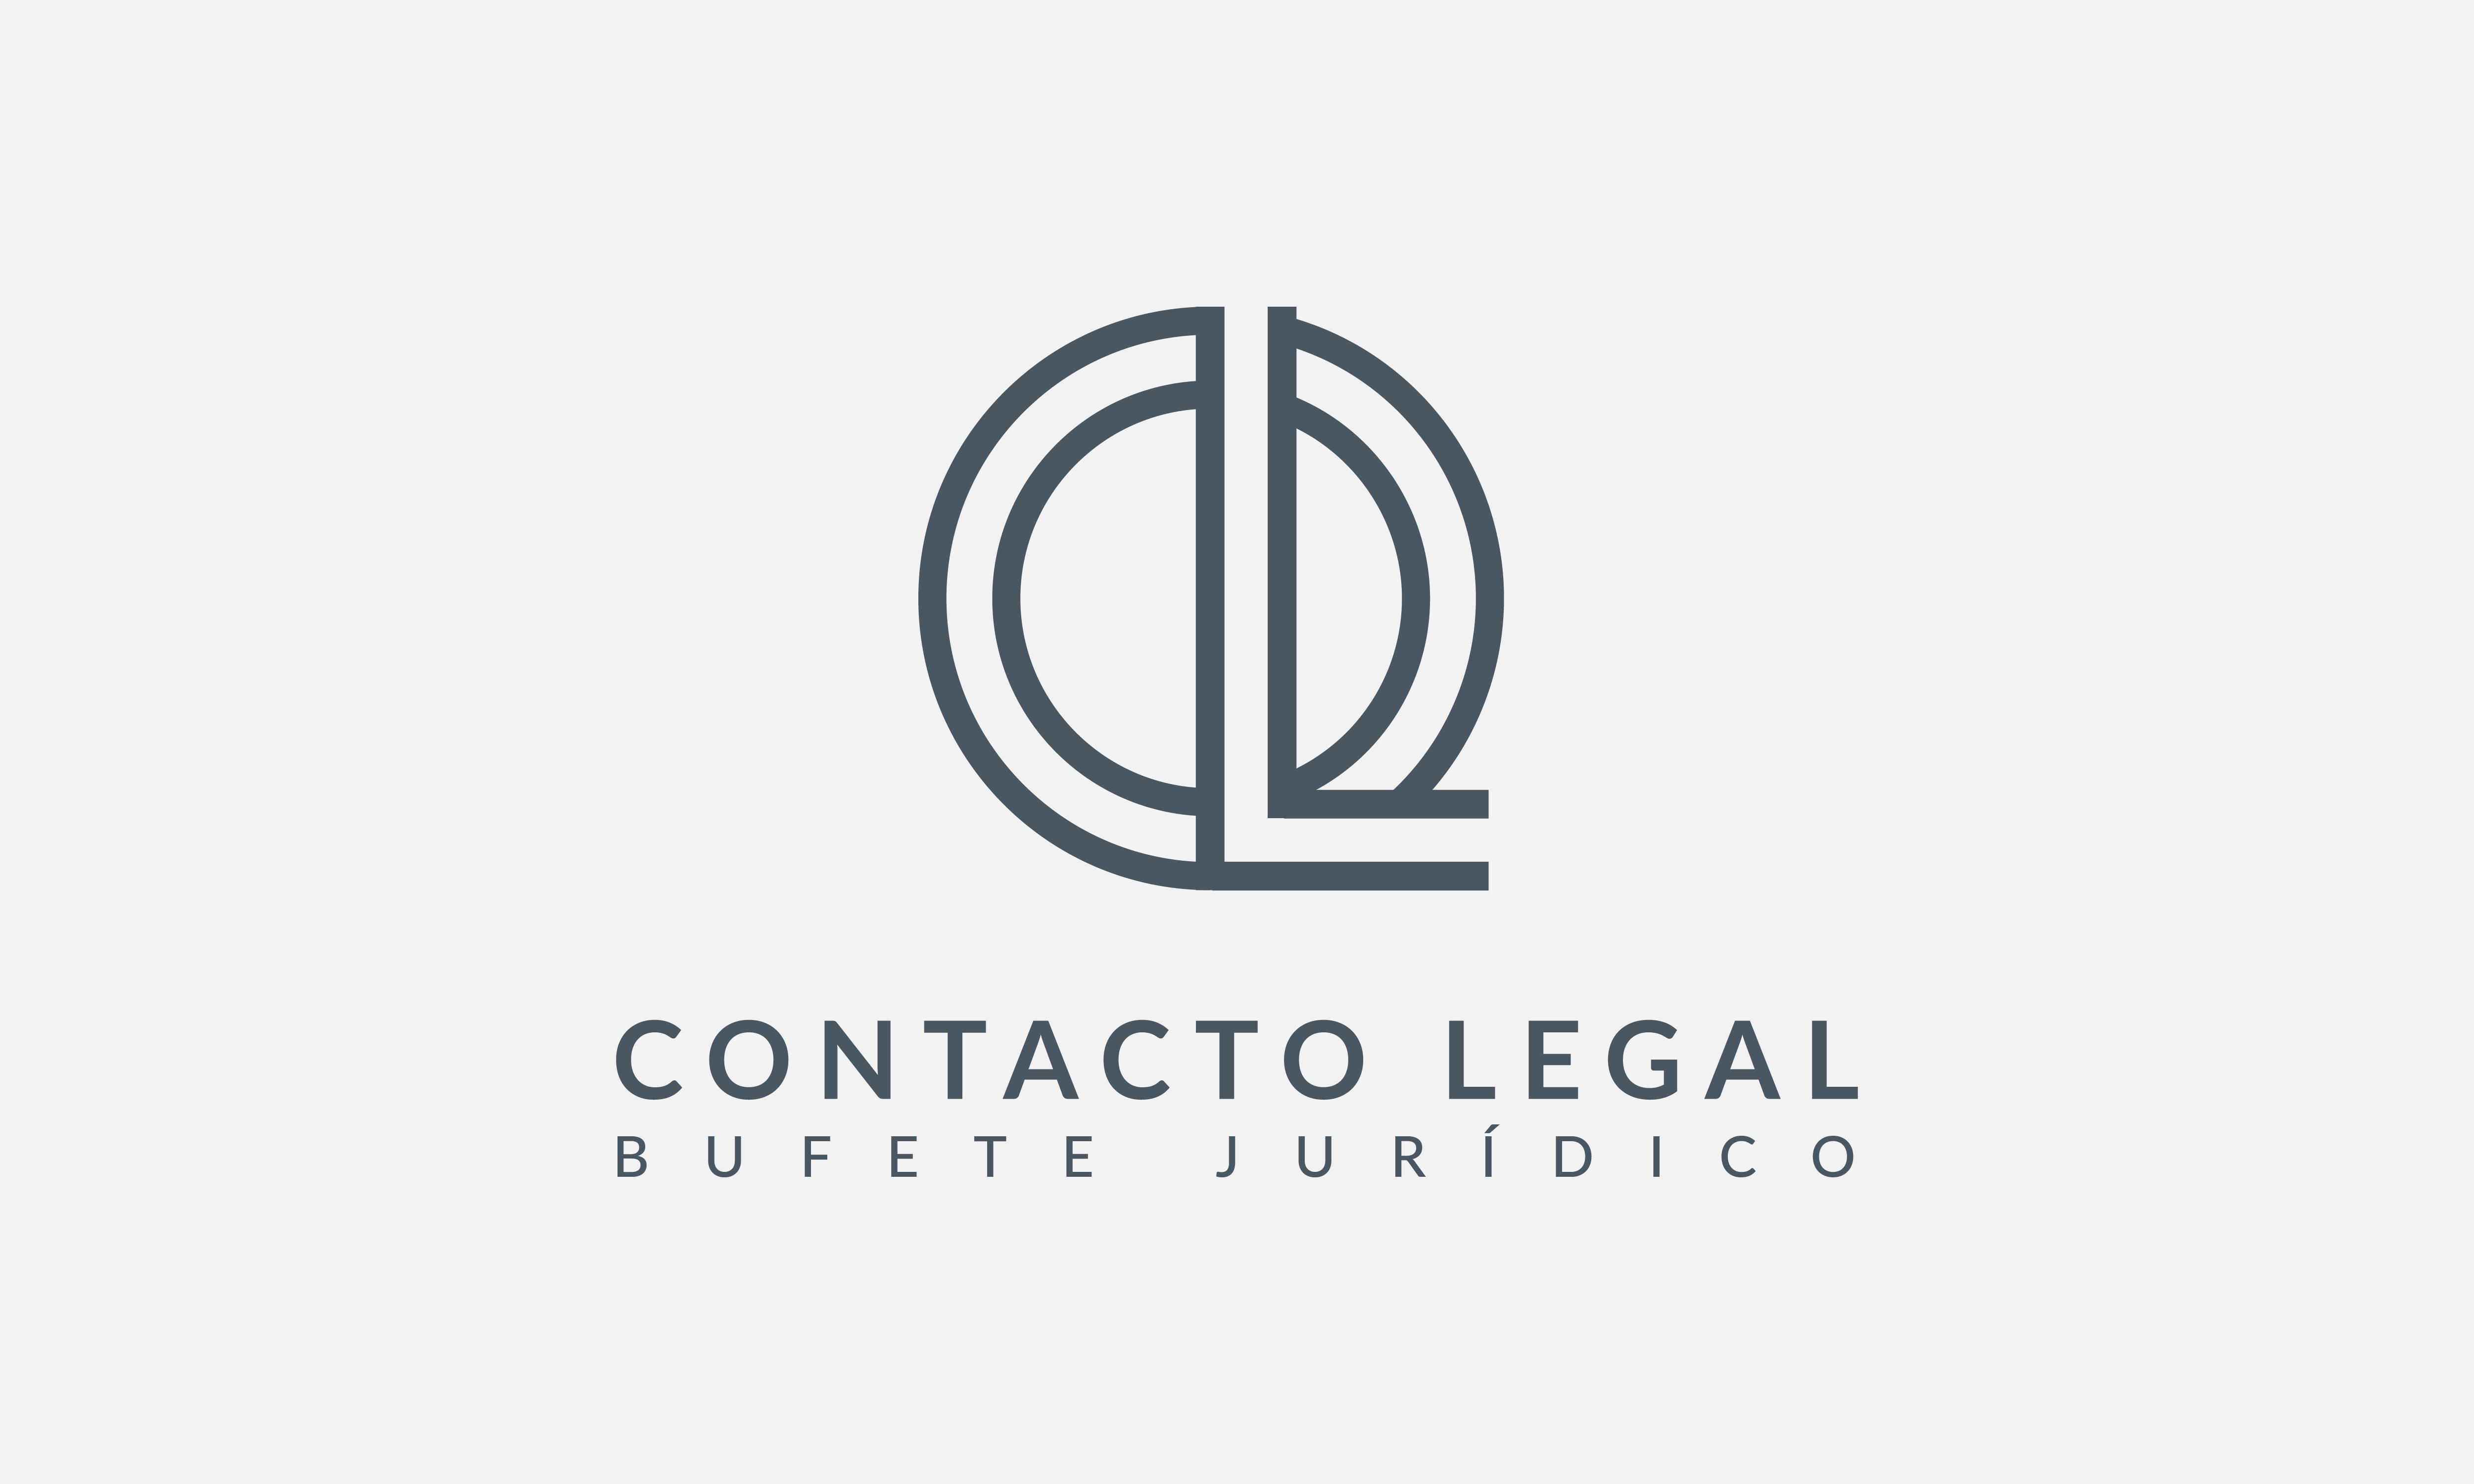 Contacto-Legal-Creacion-De-Logotipo-FullFrame-Photomkt (2)